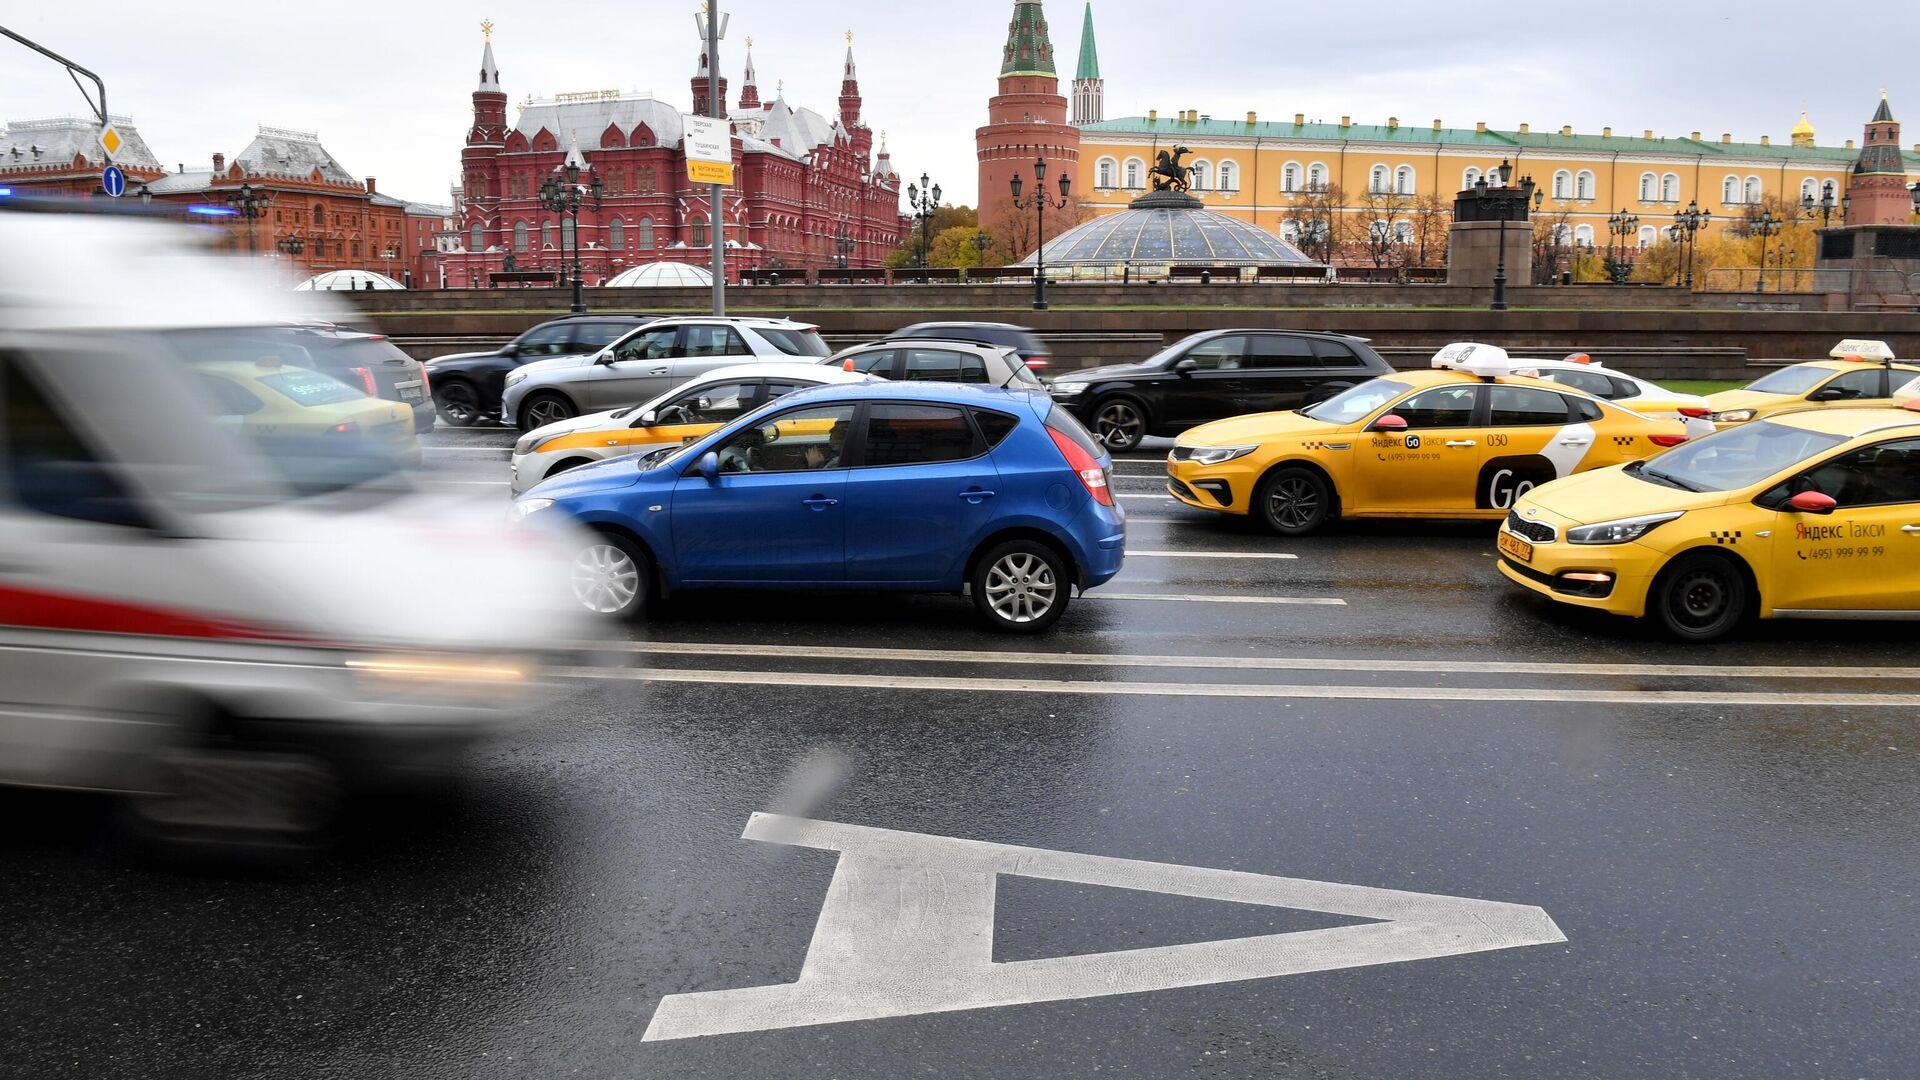 Выделенная полоса для общественного транспорта на Моховой улице в Москве - РИА Новости, 1920, 09.12.2020